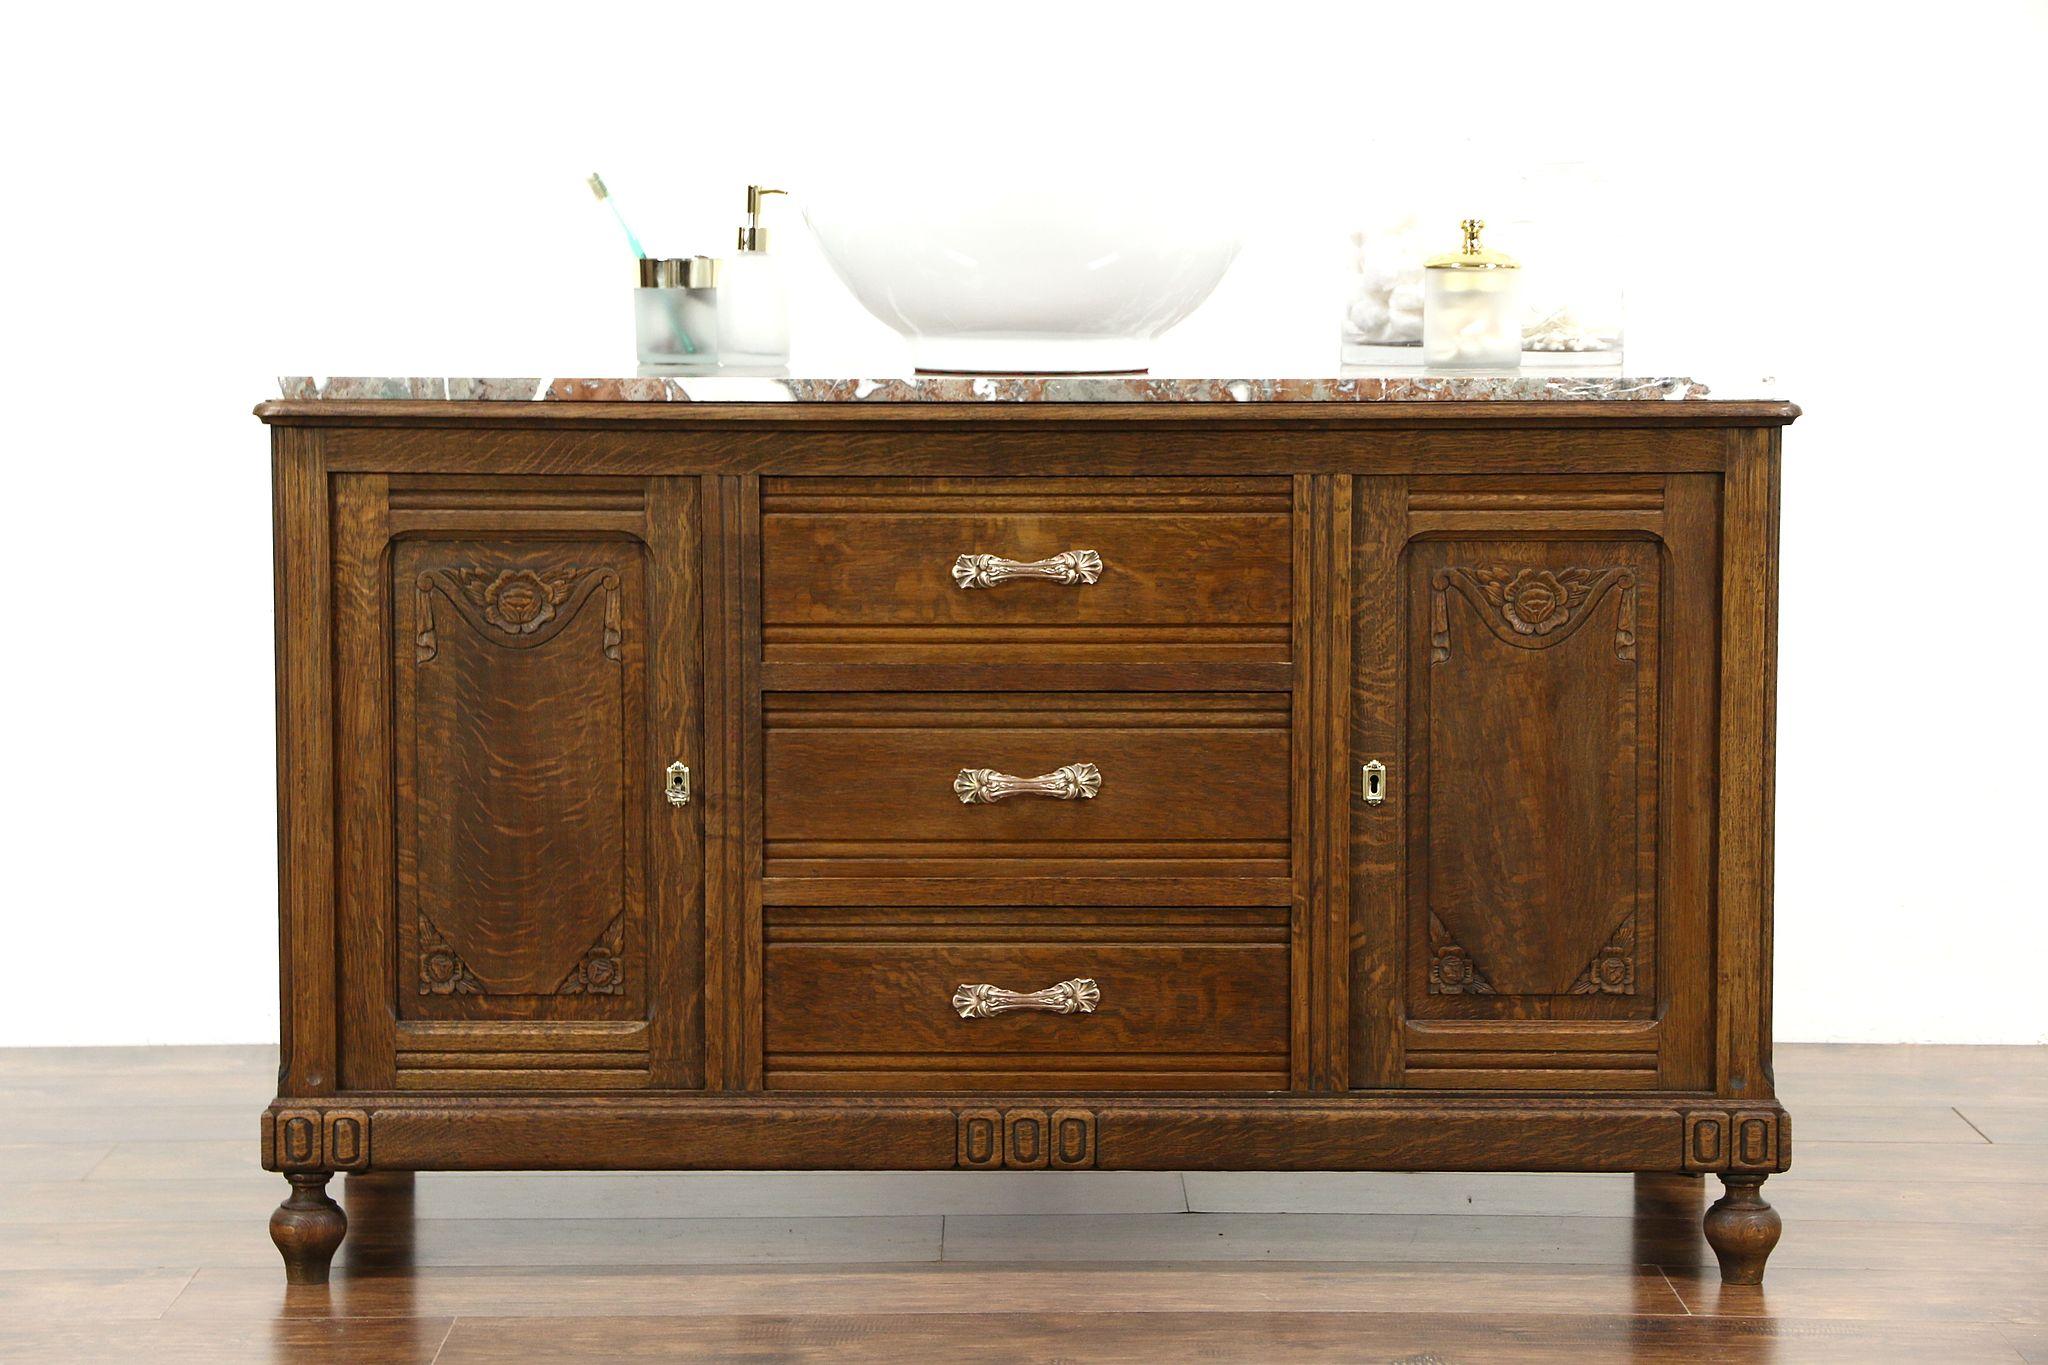 SOLD Oak Carved Antique 1915 Sideboard, Server, Bar or Buffet, Marble Top Sink Vanity Harp